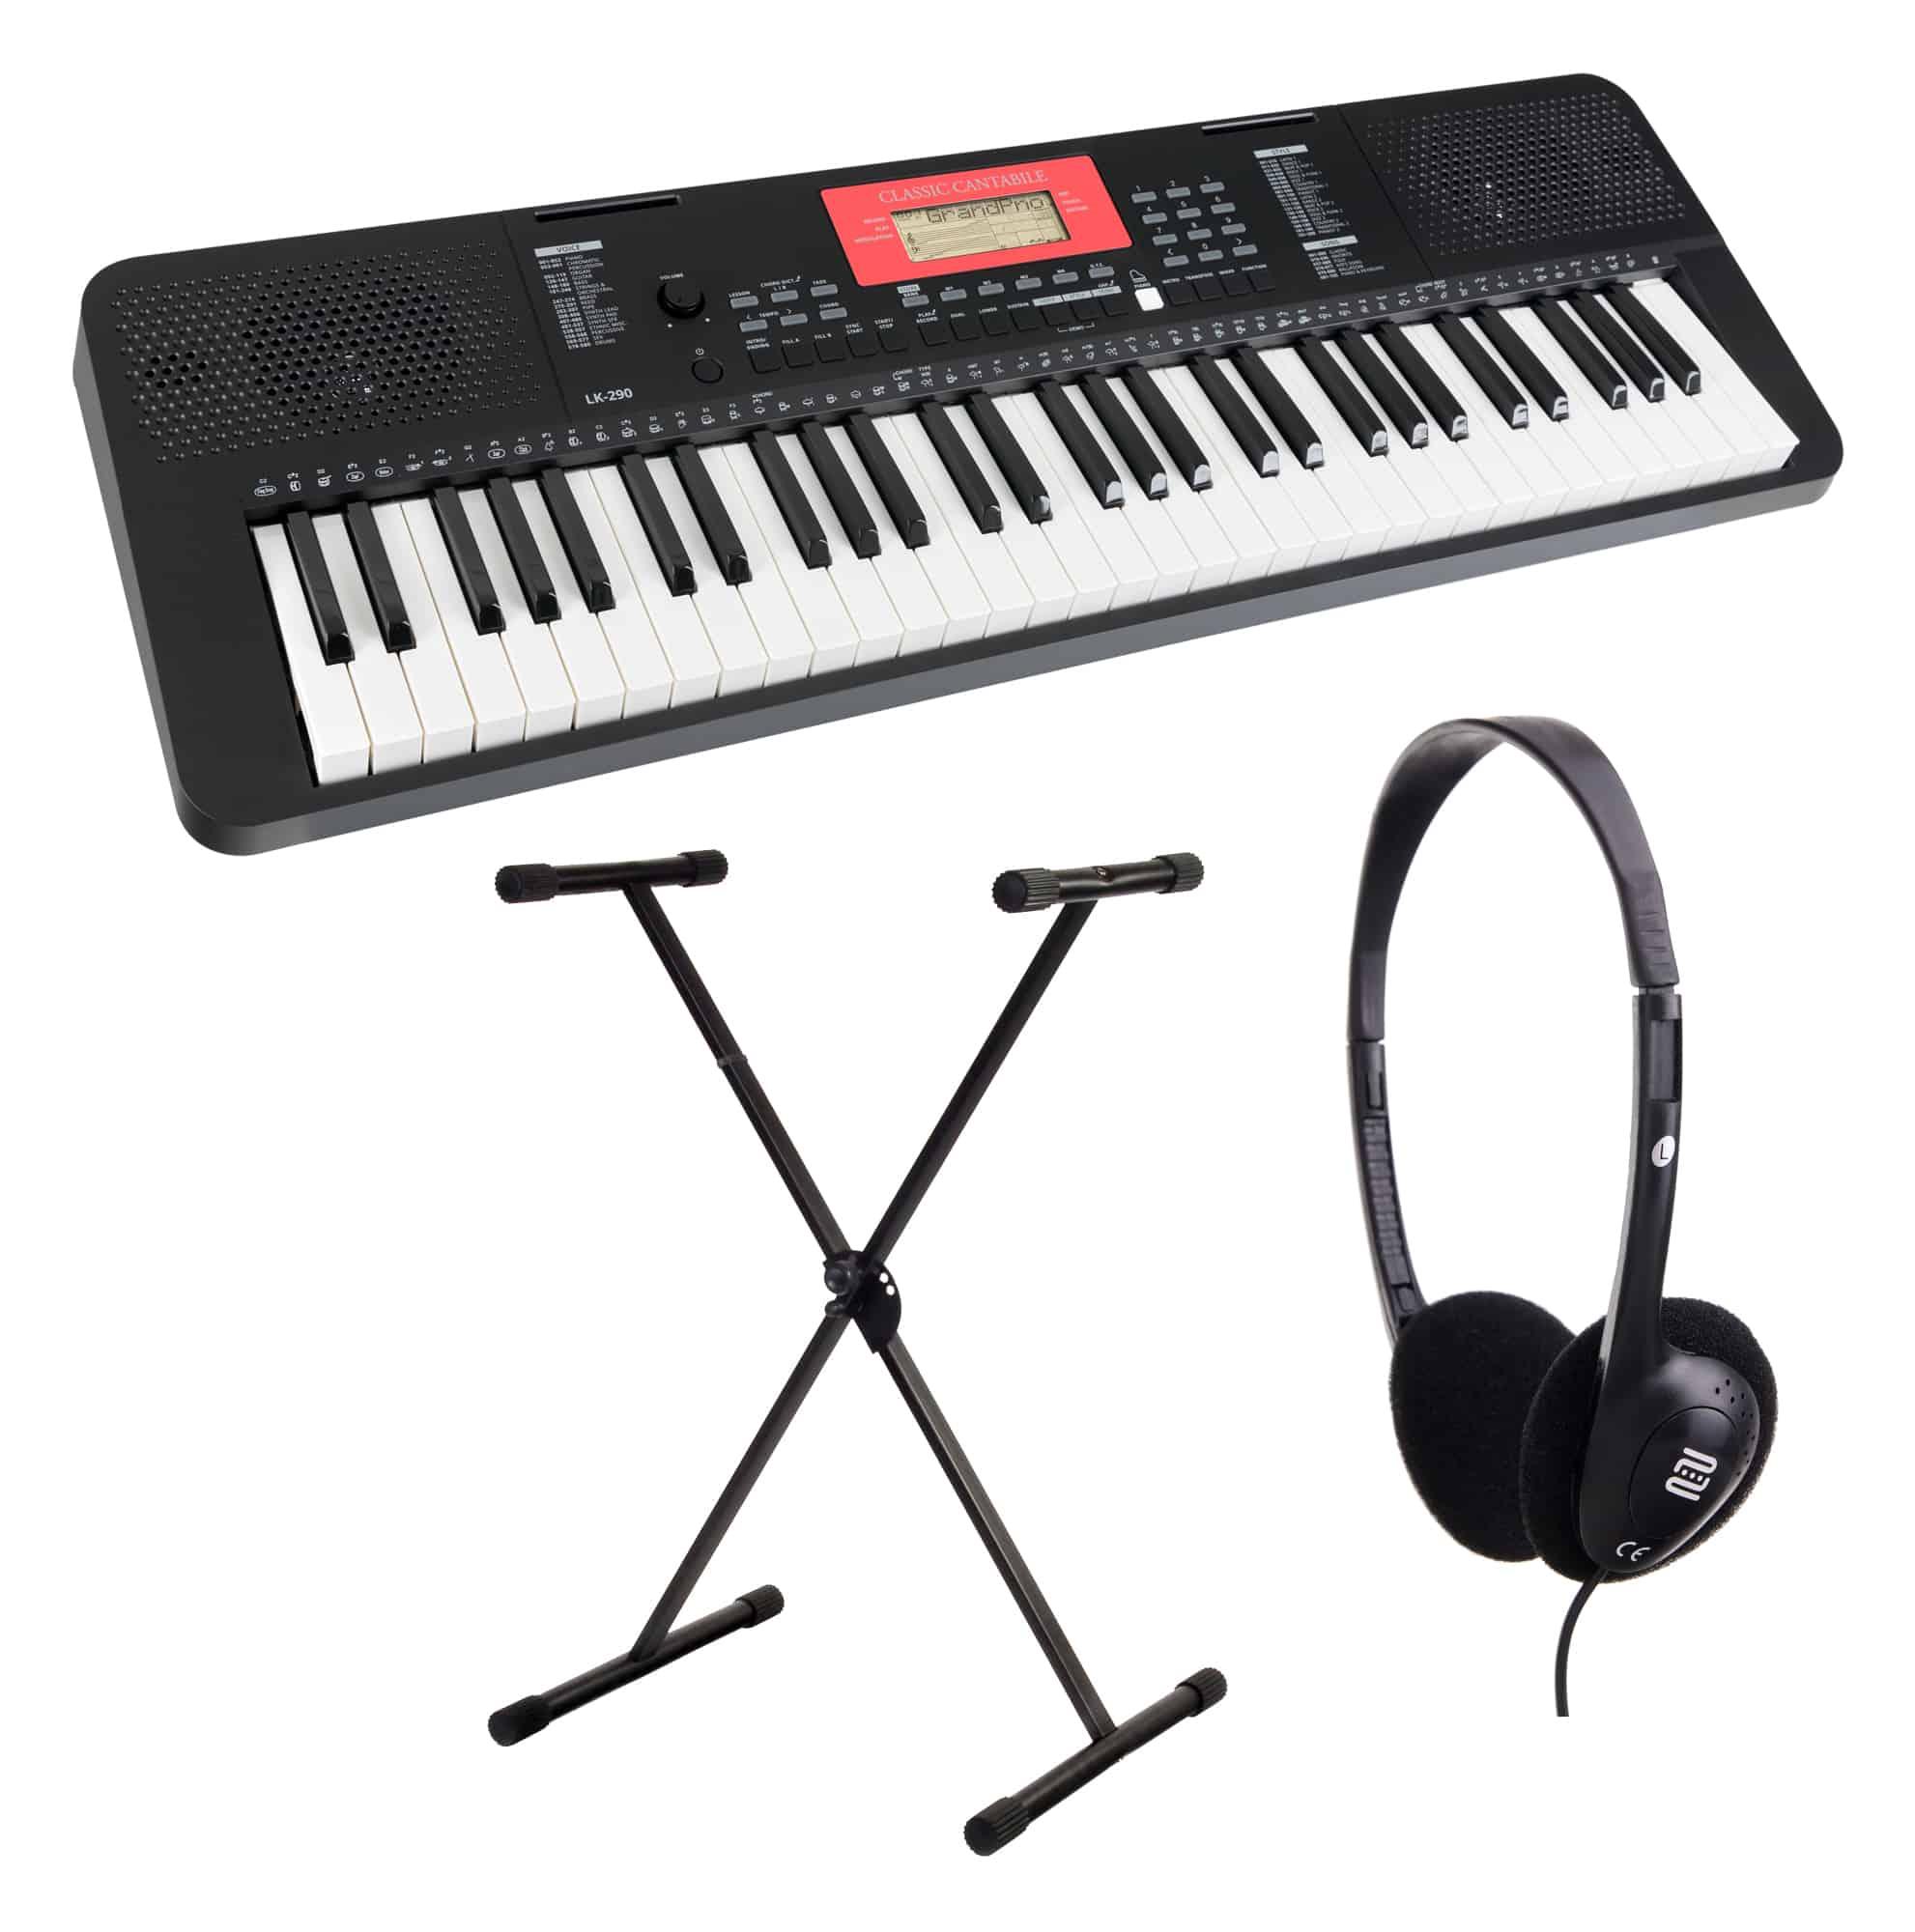 Homekeyboards - Classic Cantabile LK 290 Leuchttasten Keyboard Set inkl. Keyboardständer und Kopfhörer - Onlineshop Musikhaus Kirstein